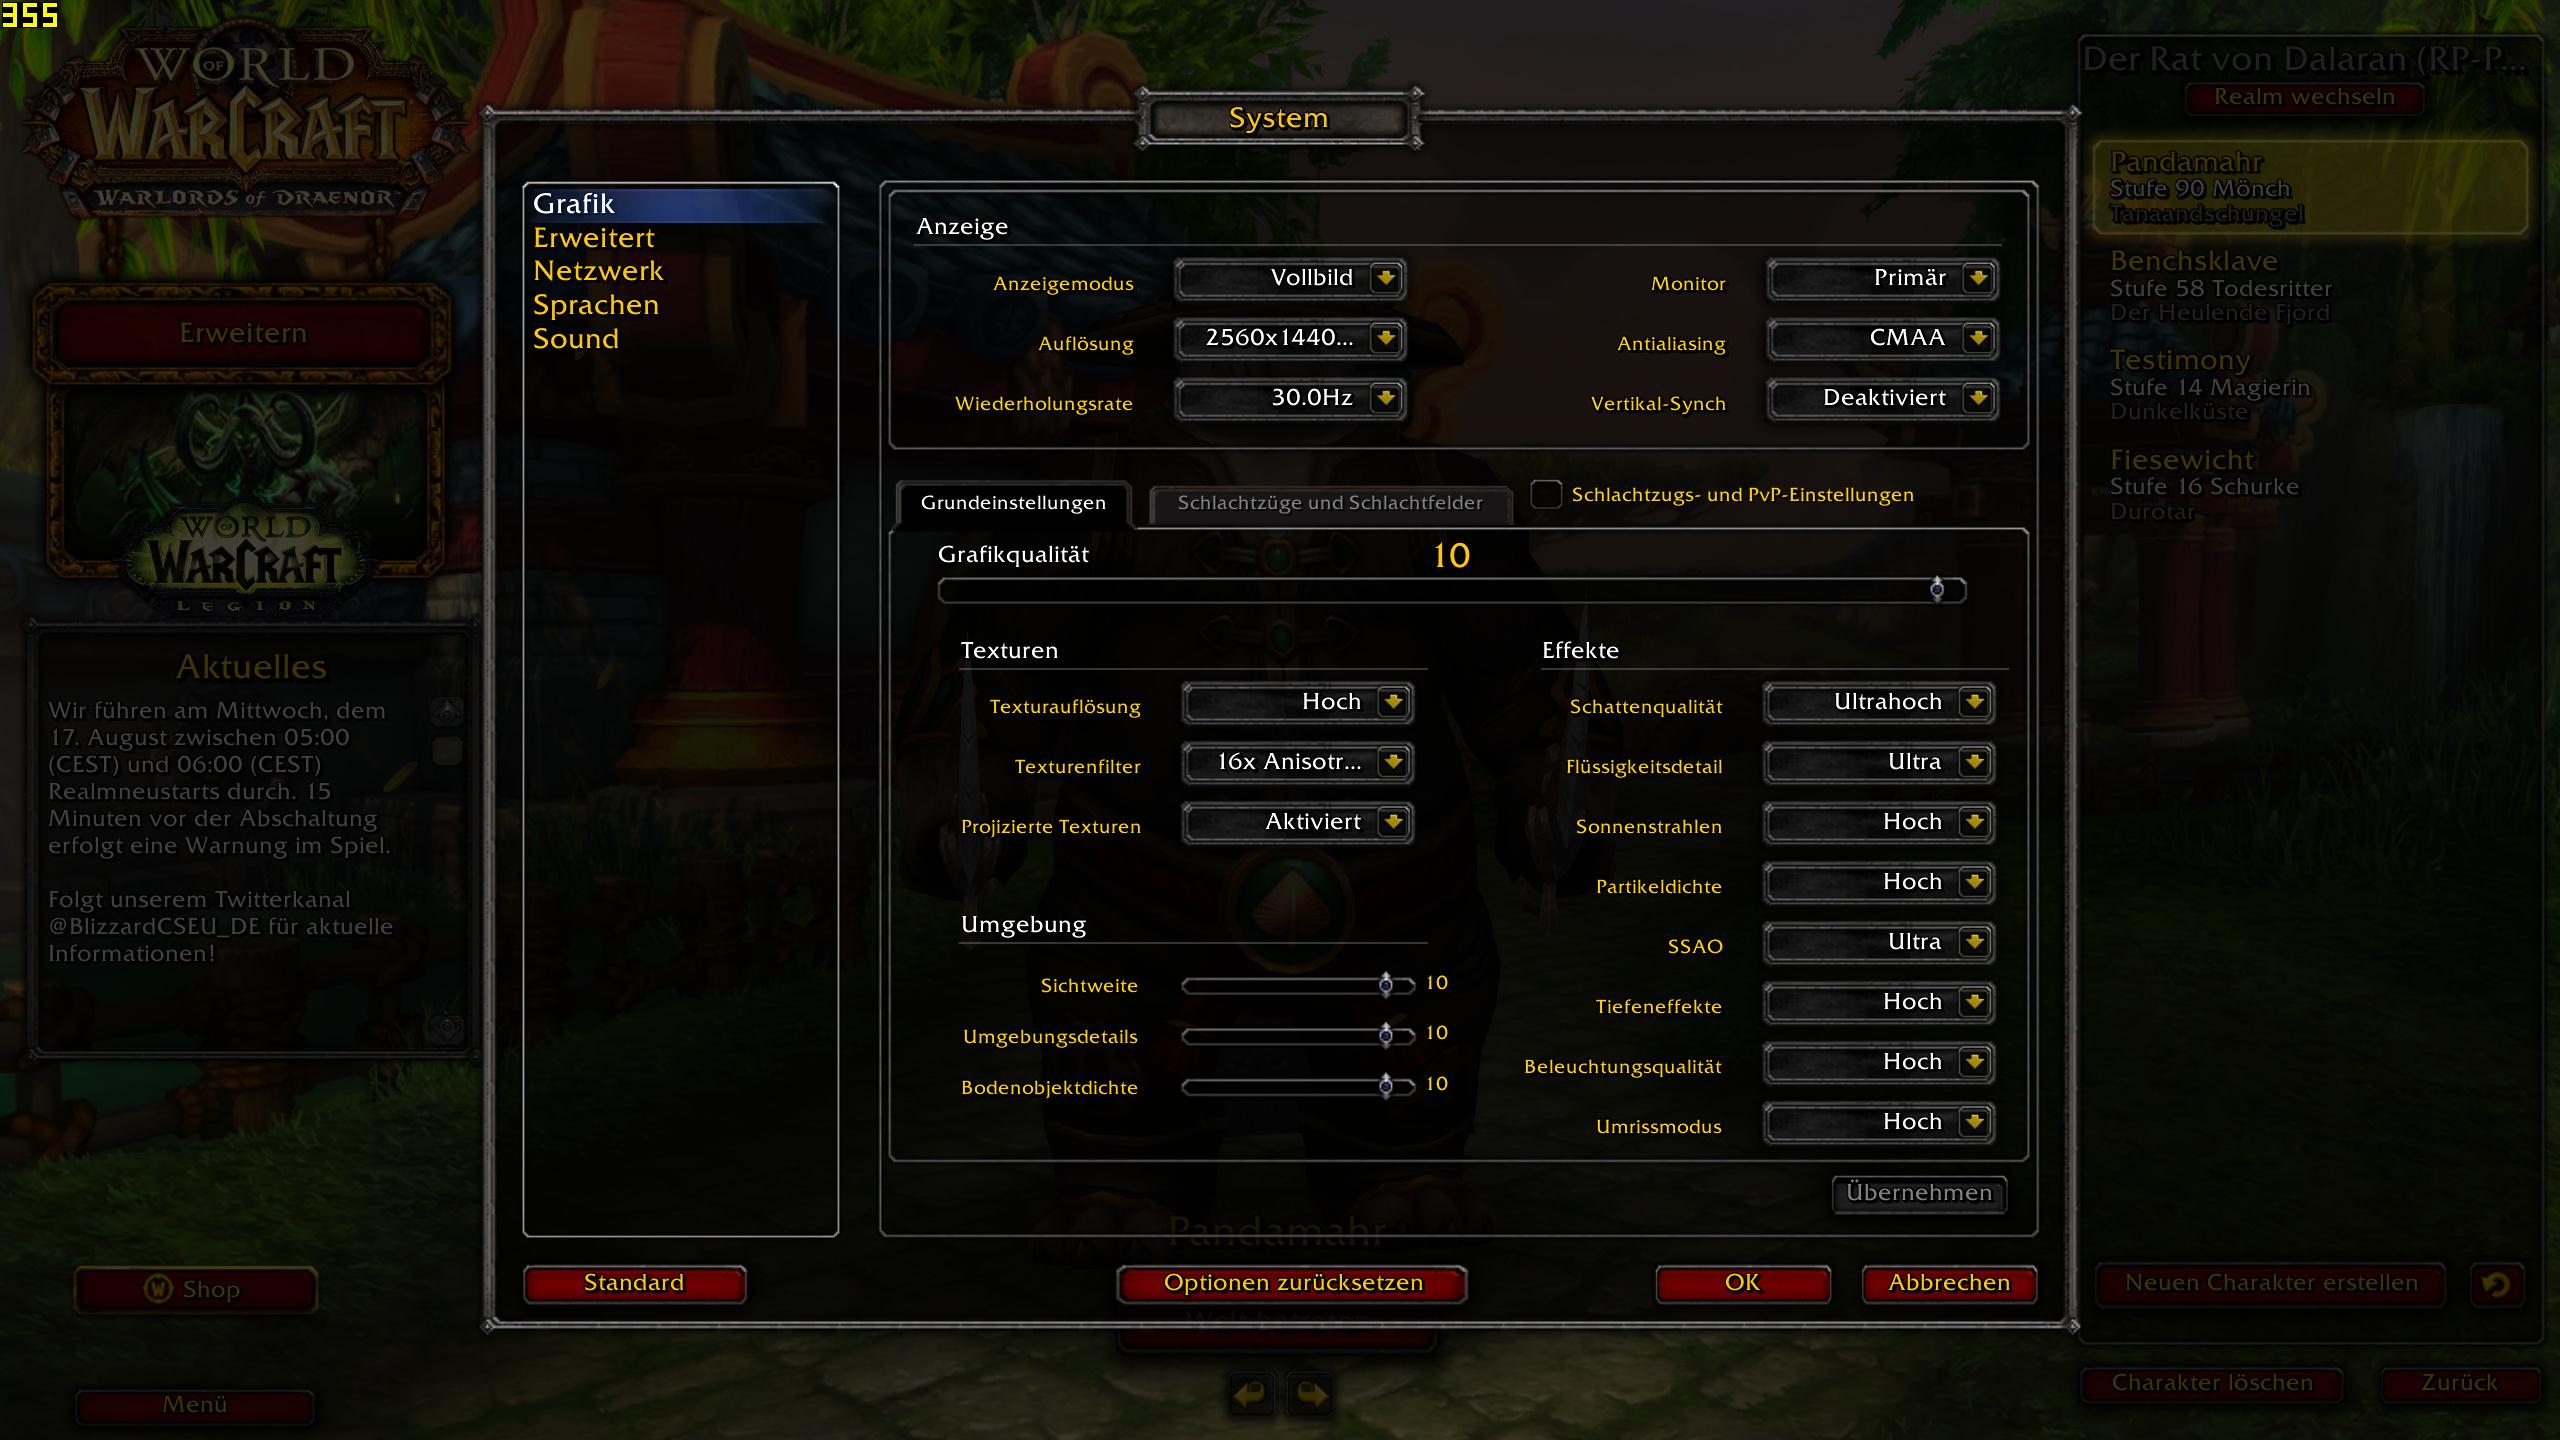 WoW 7 0 (Legion) im Test mit 25 GPUs + CPU-Skalierung